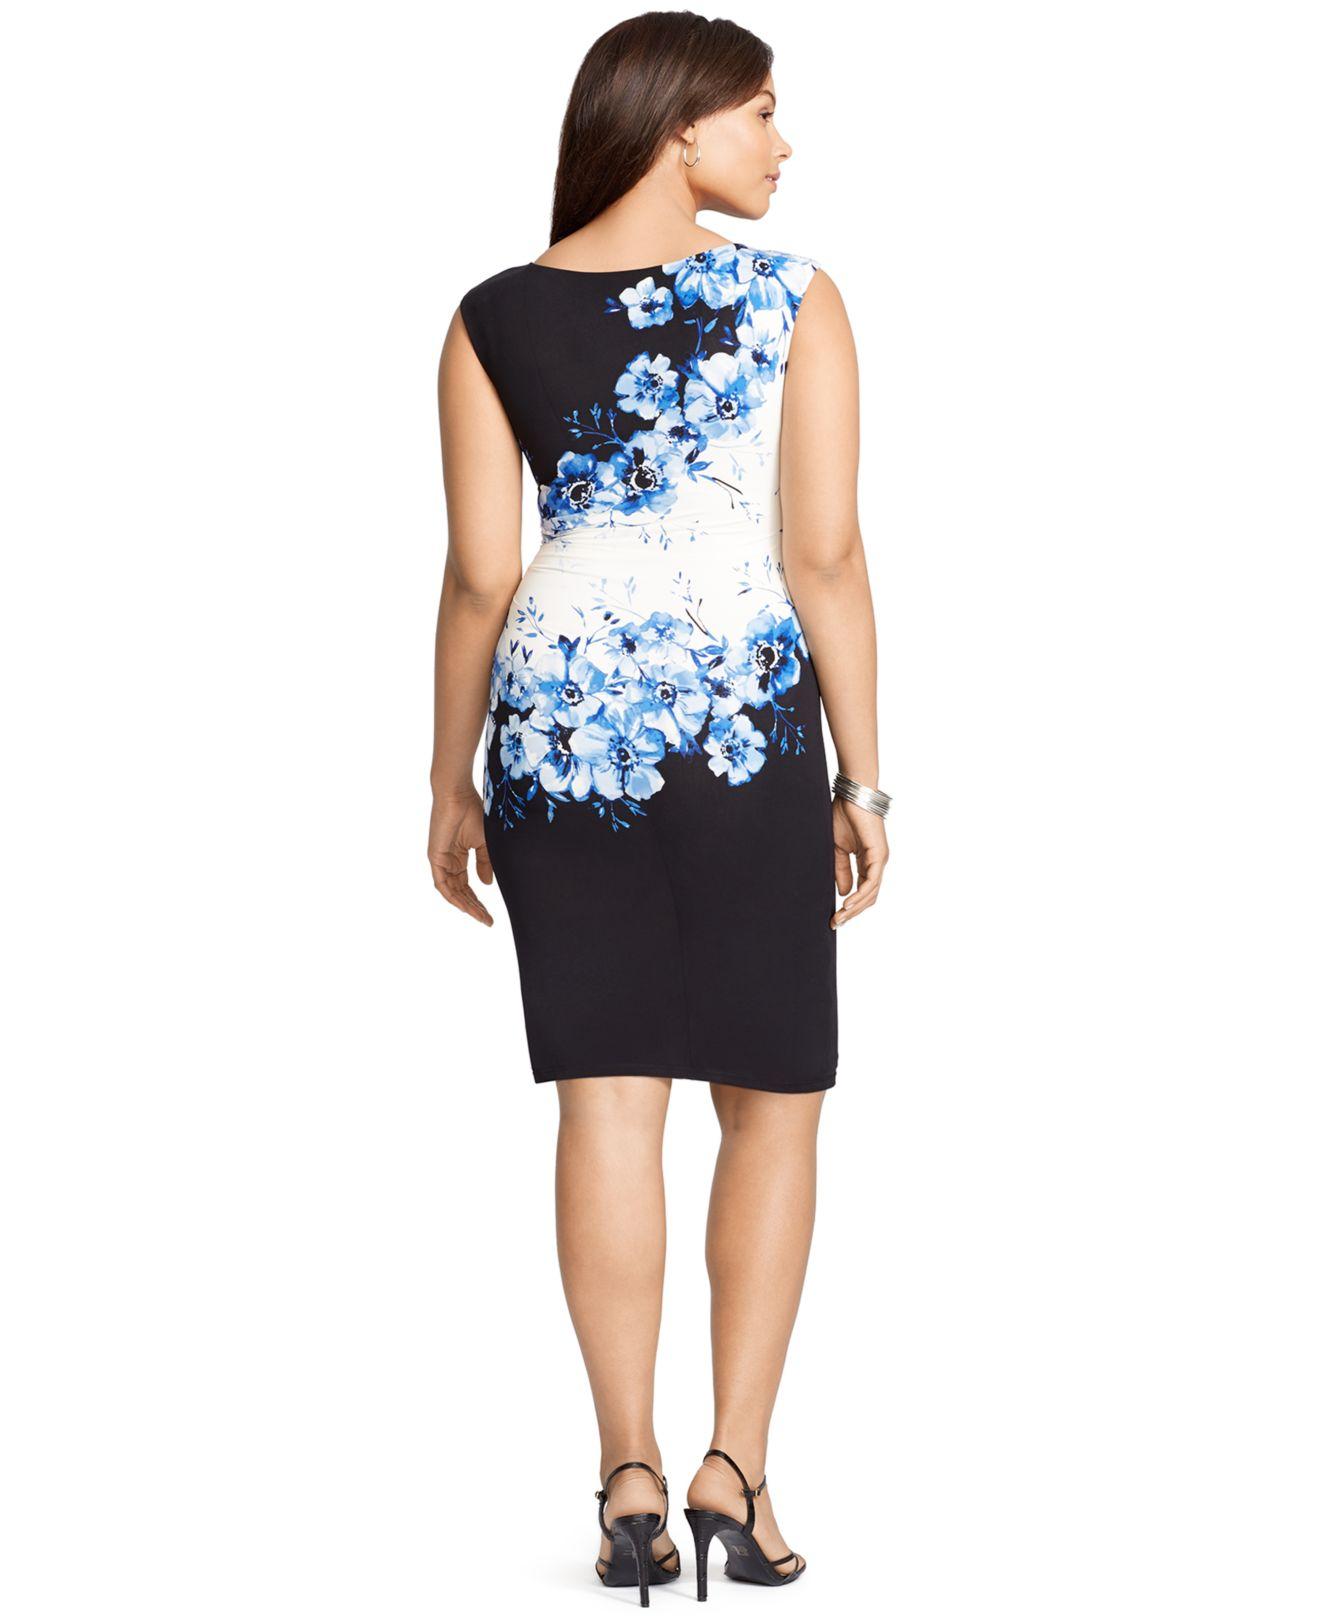 Lyst Lauren By Ralph Lauren Plus Size Floral Print Cap Sleeve